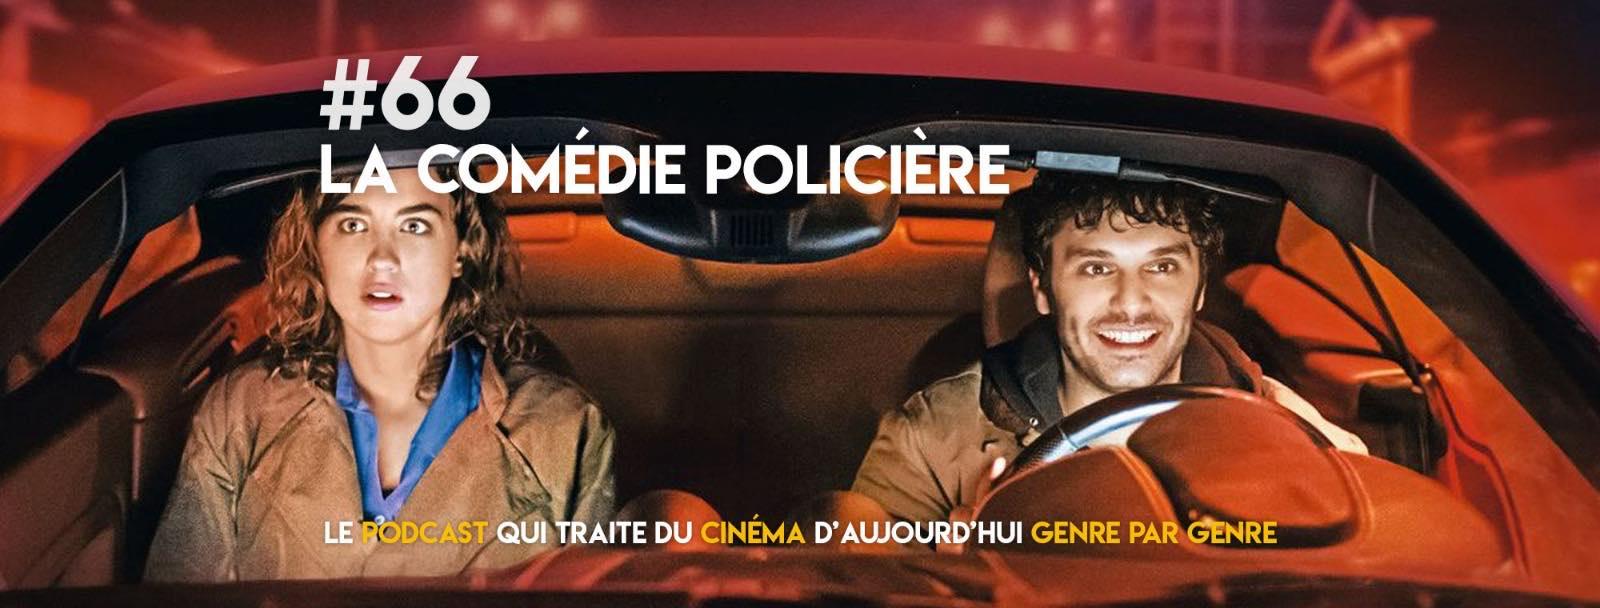 Parlons Péloches - #66 La comédie policière